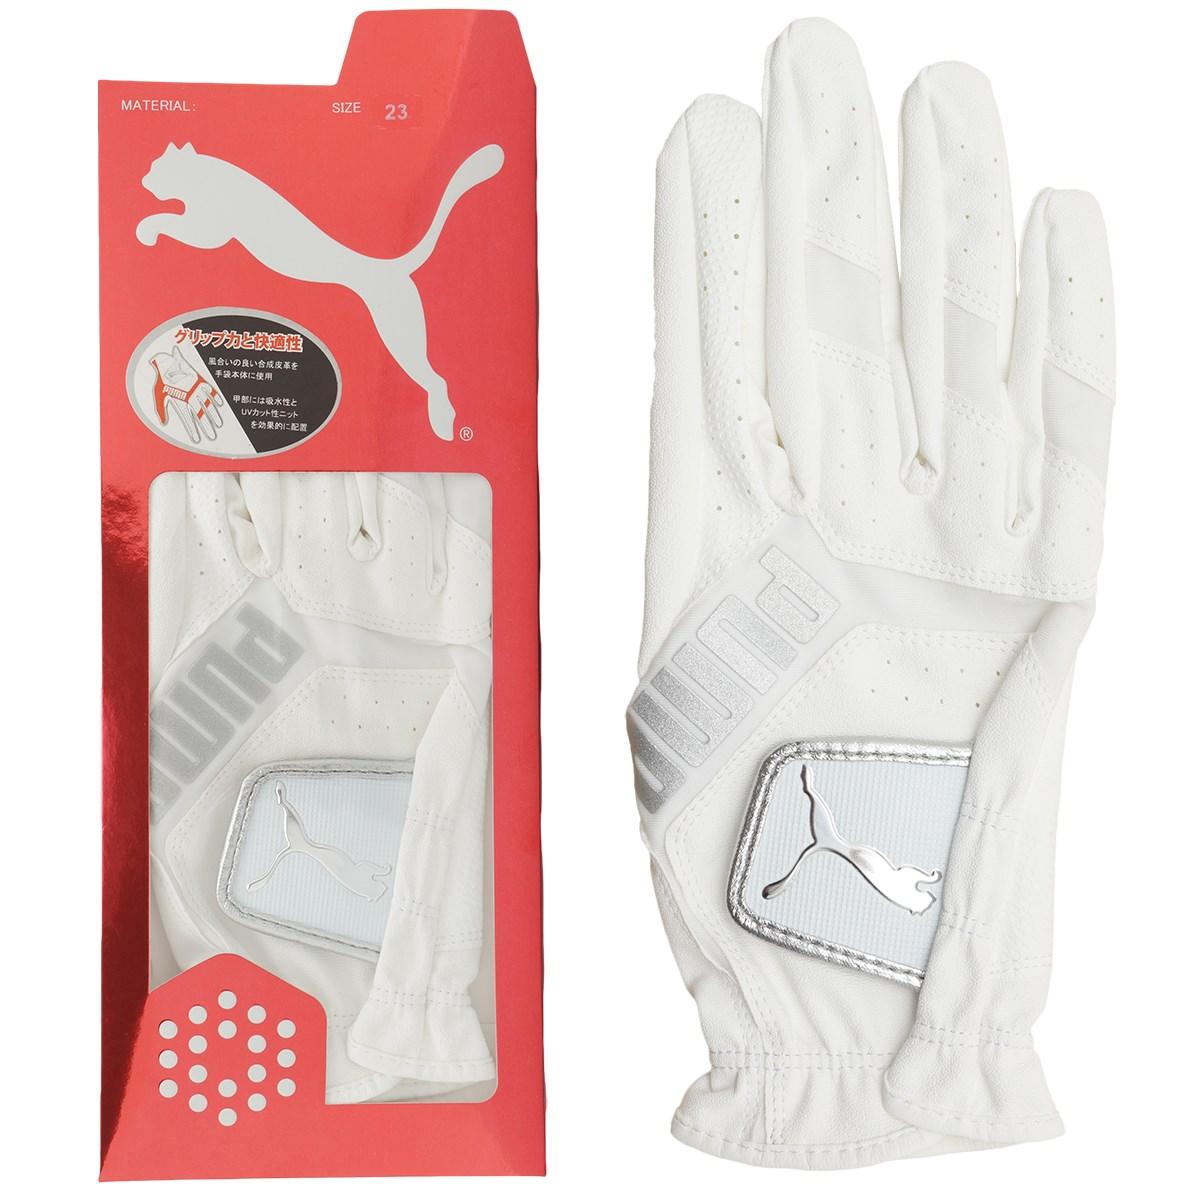 プーマ PUMA 3D リブート グローブ レフティ 21cm 右手着用(左利き用) ブライトホワイト 01